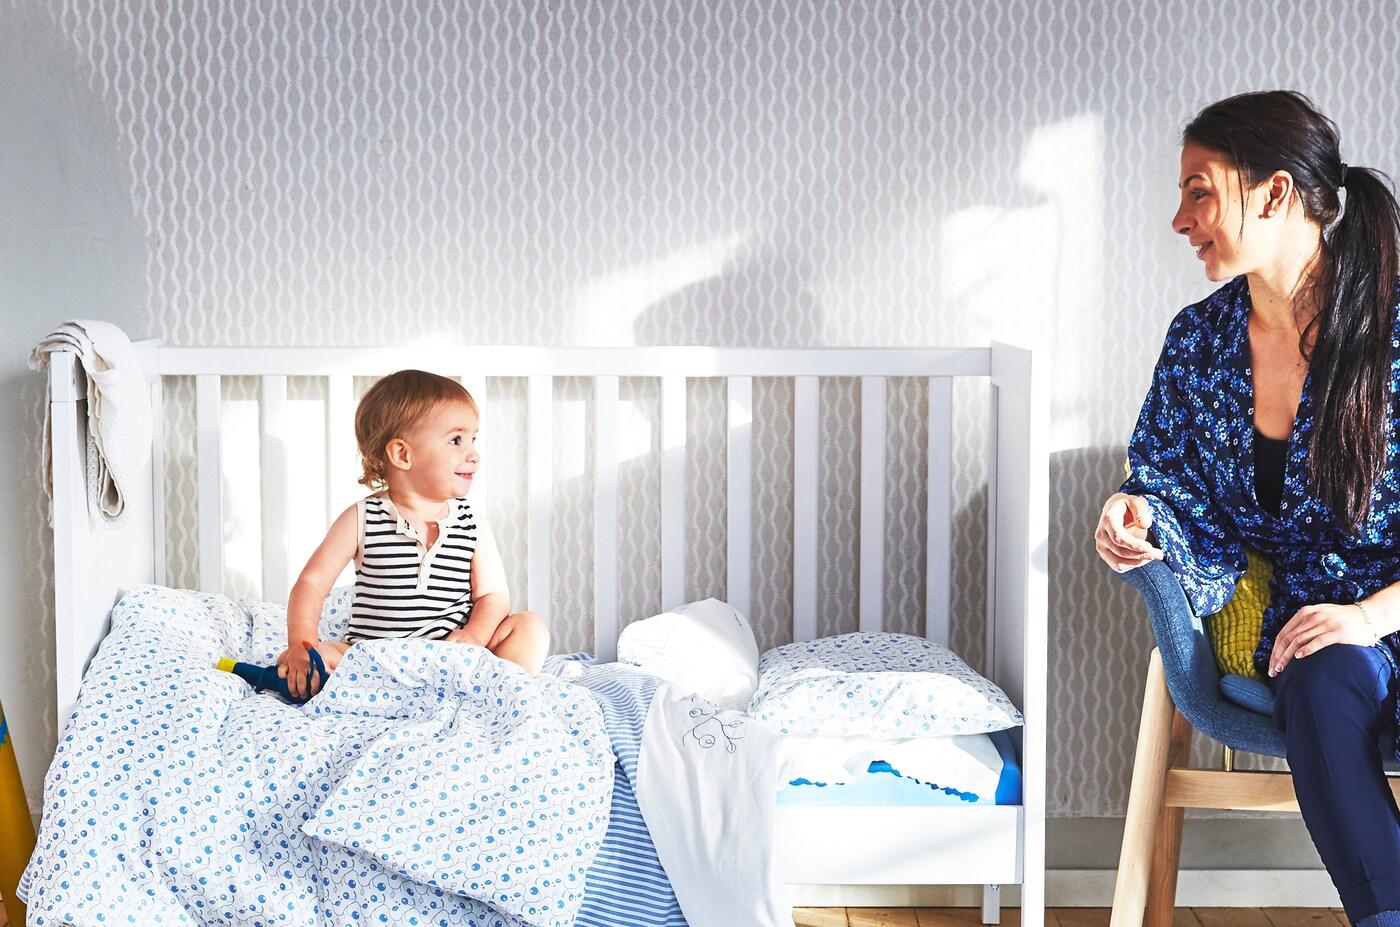 원목 의자에 앉아 있는 엄마와 블루 색상의 침구 한쪽이 젖혀져 있는 화이트 유아용 침대에 앉아 있는 아기가 서로 바라보고 있는 모습.